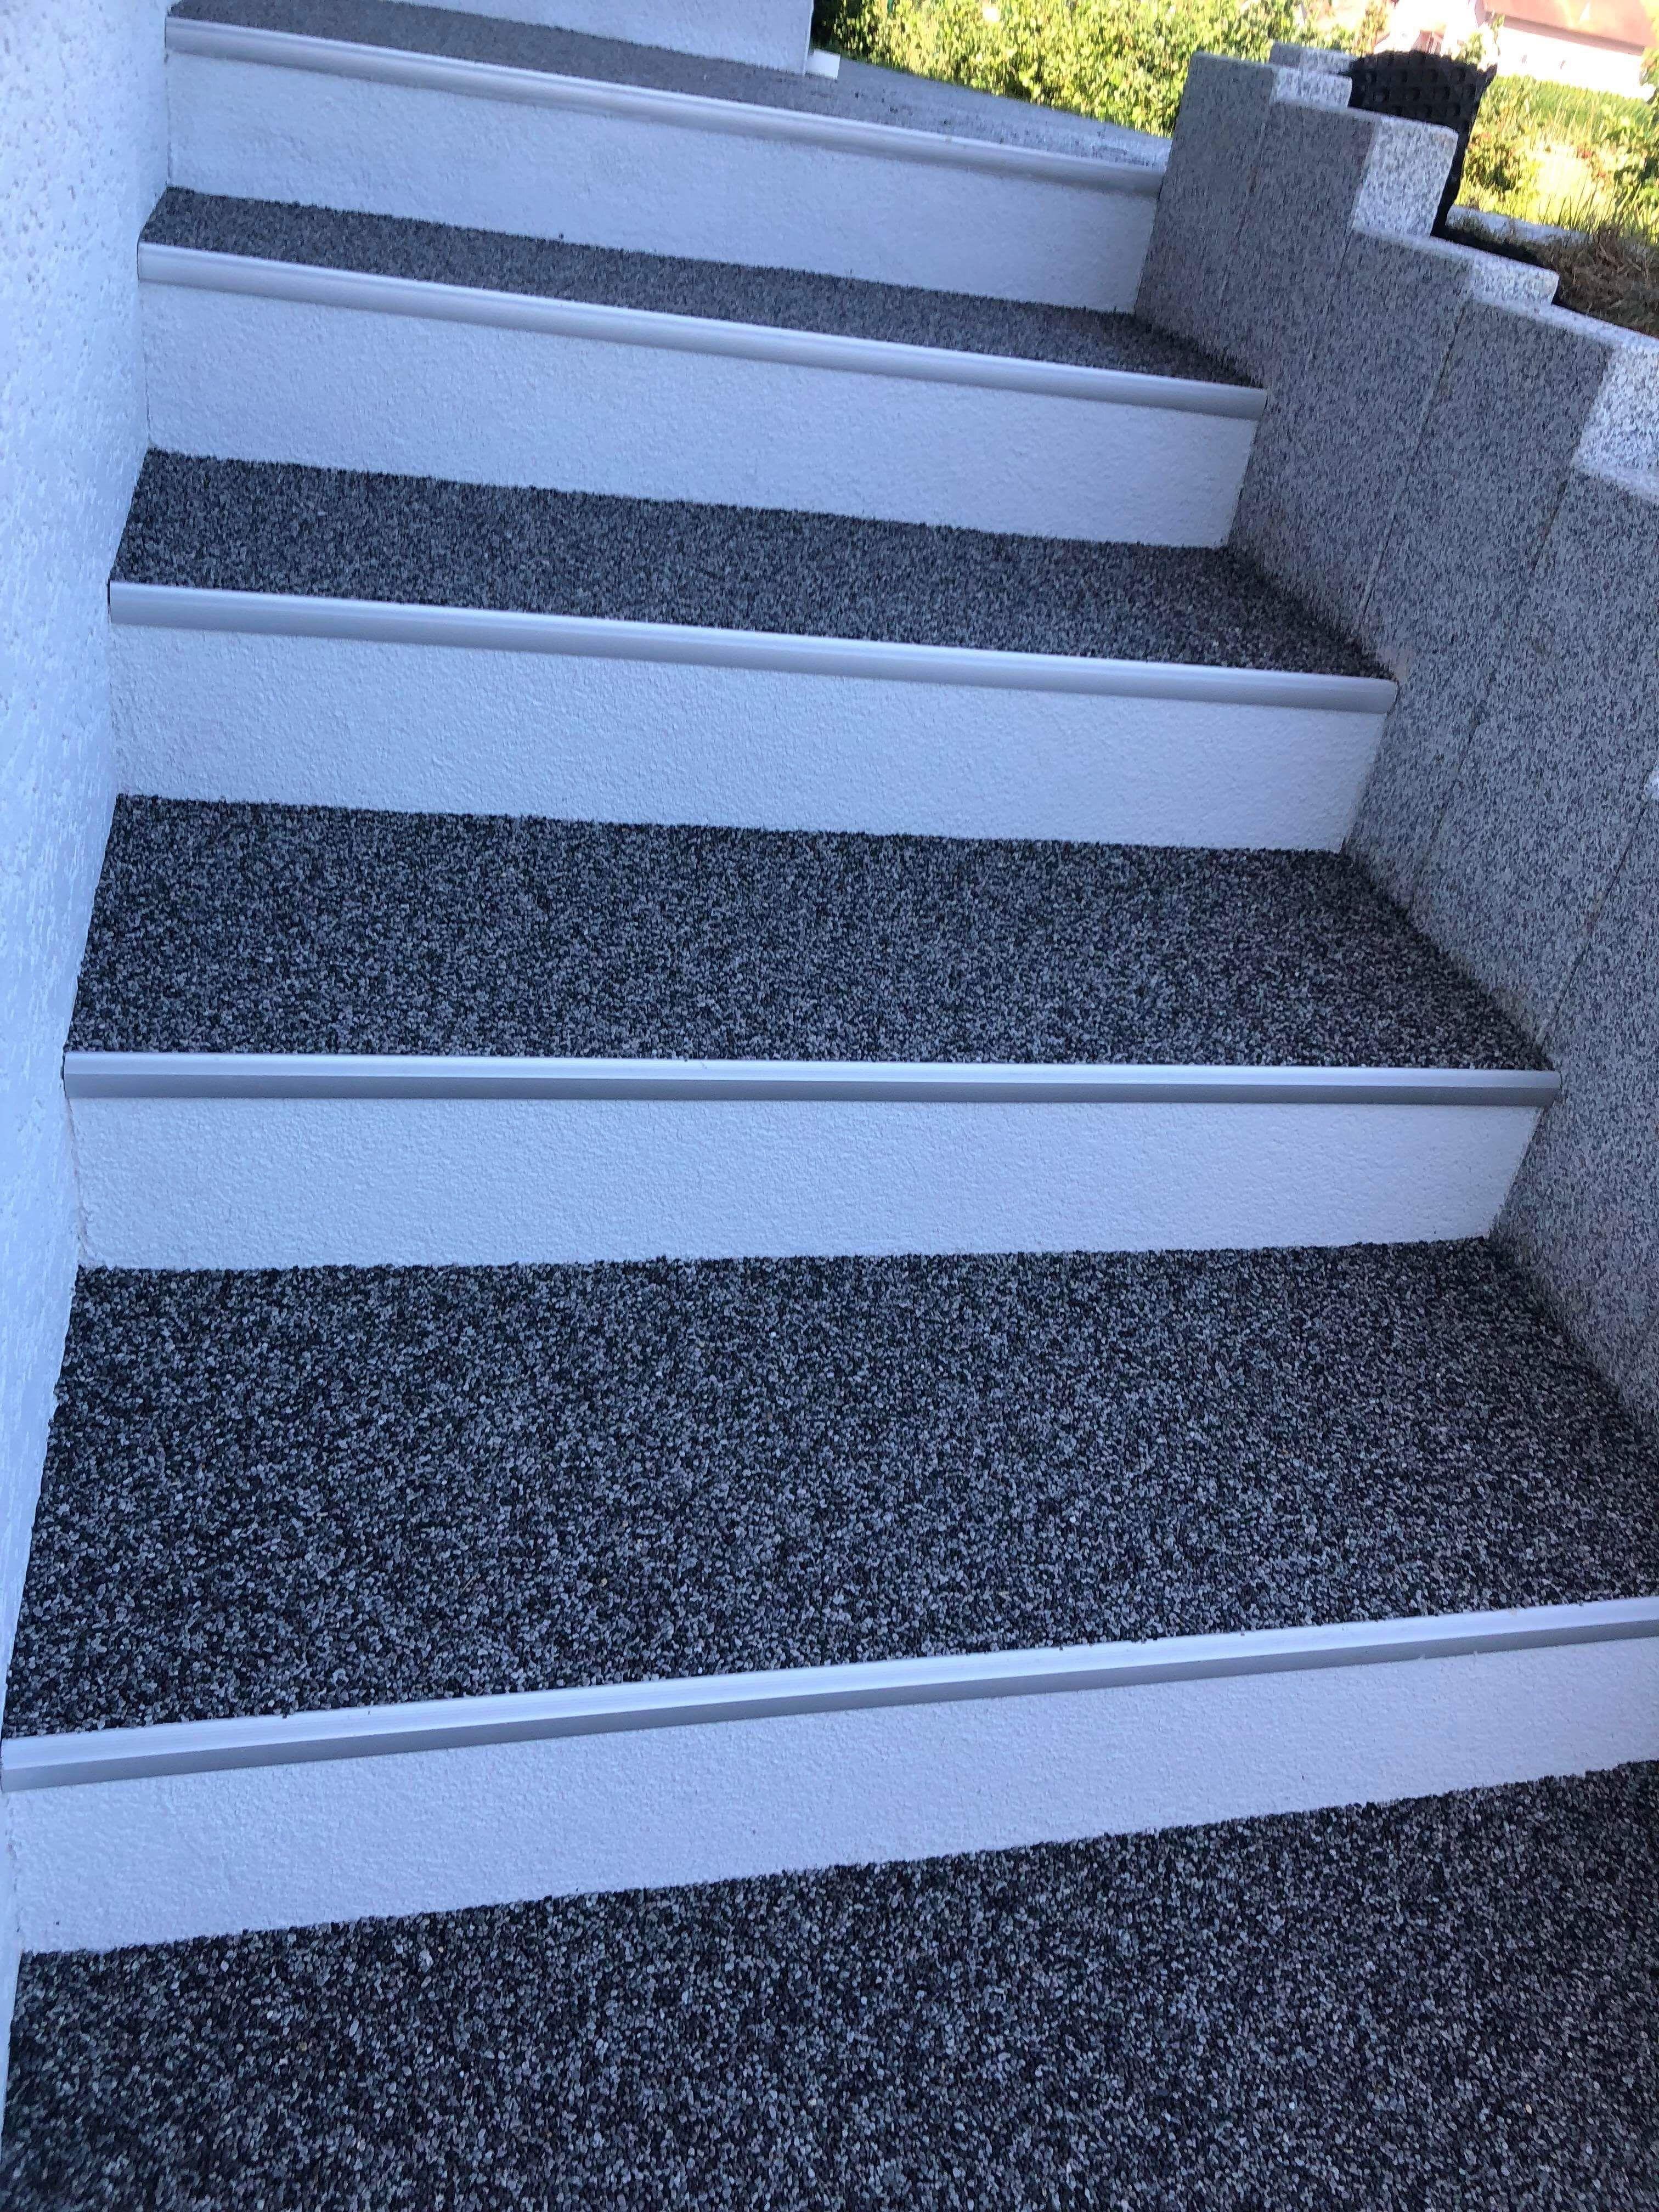 Pin Von Renata Mirelix Auf Escada Mit Bildern Treppenrenovierung Treppe Haus Aussenbereiche